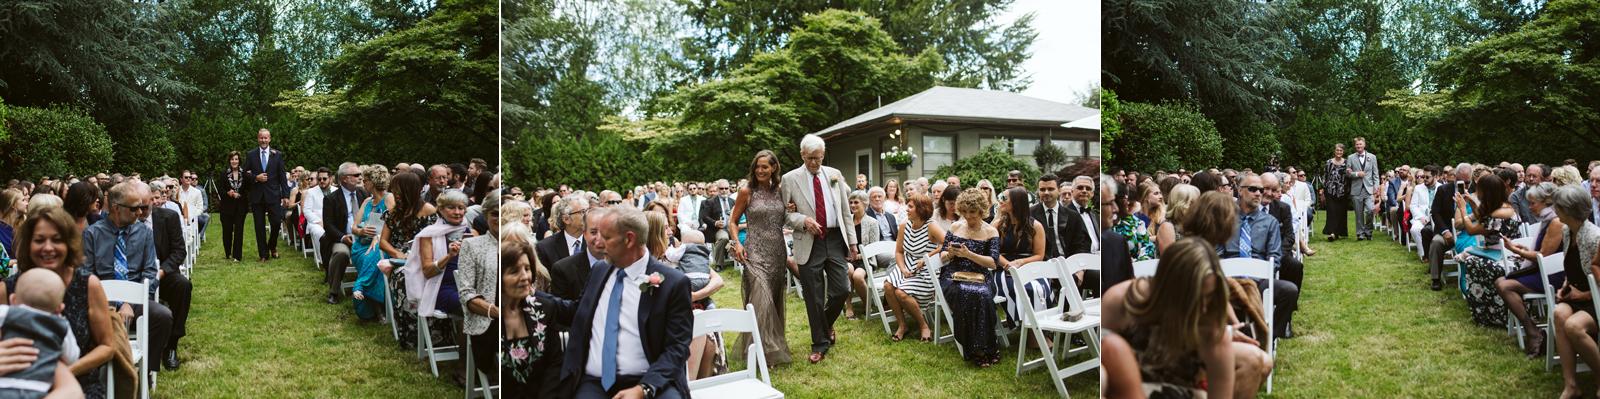 072-daronjackson-gabby-alec-wedding.jpg